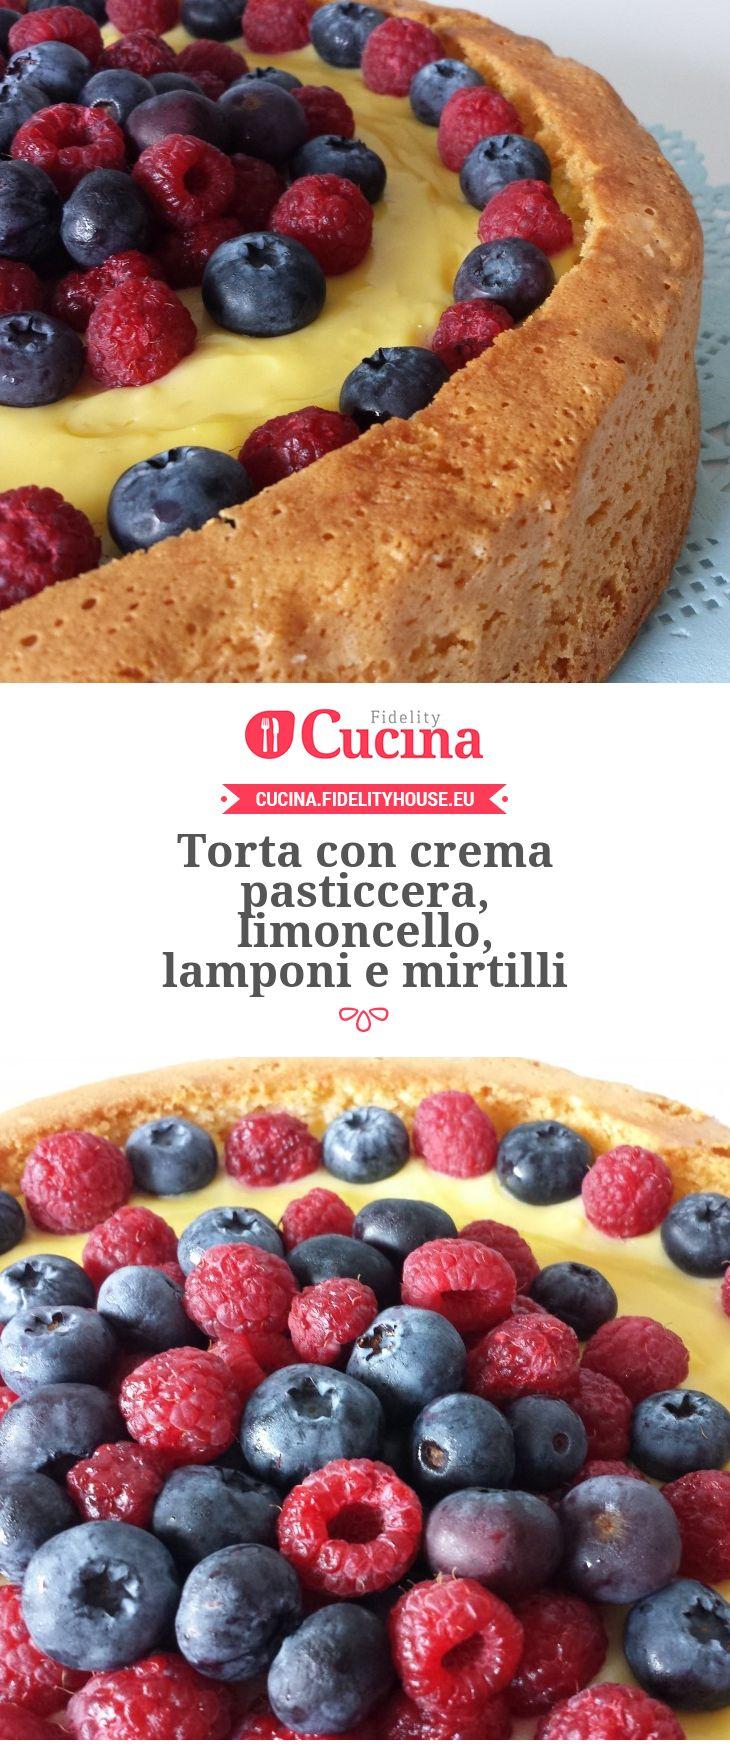 #Torta con crema pasticcera, #limoncello, #lamponi e #mirtilli della nostra utente Giada. Unisciti alla nostra Community ed invia le tue ricette!